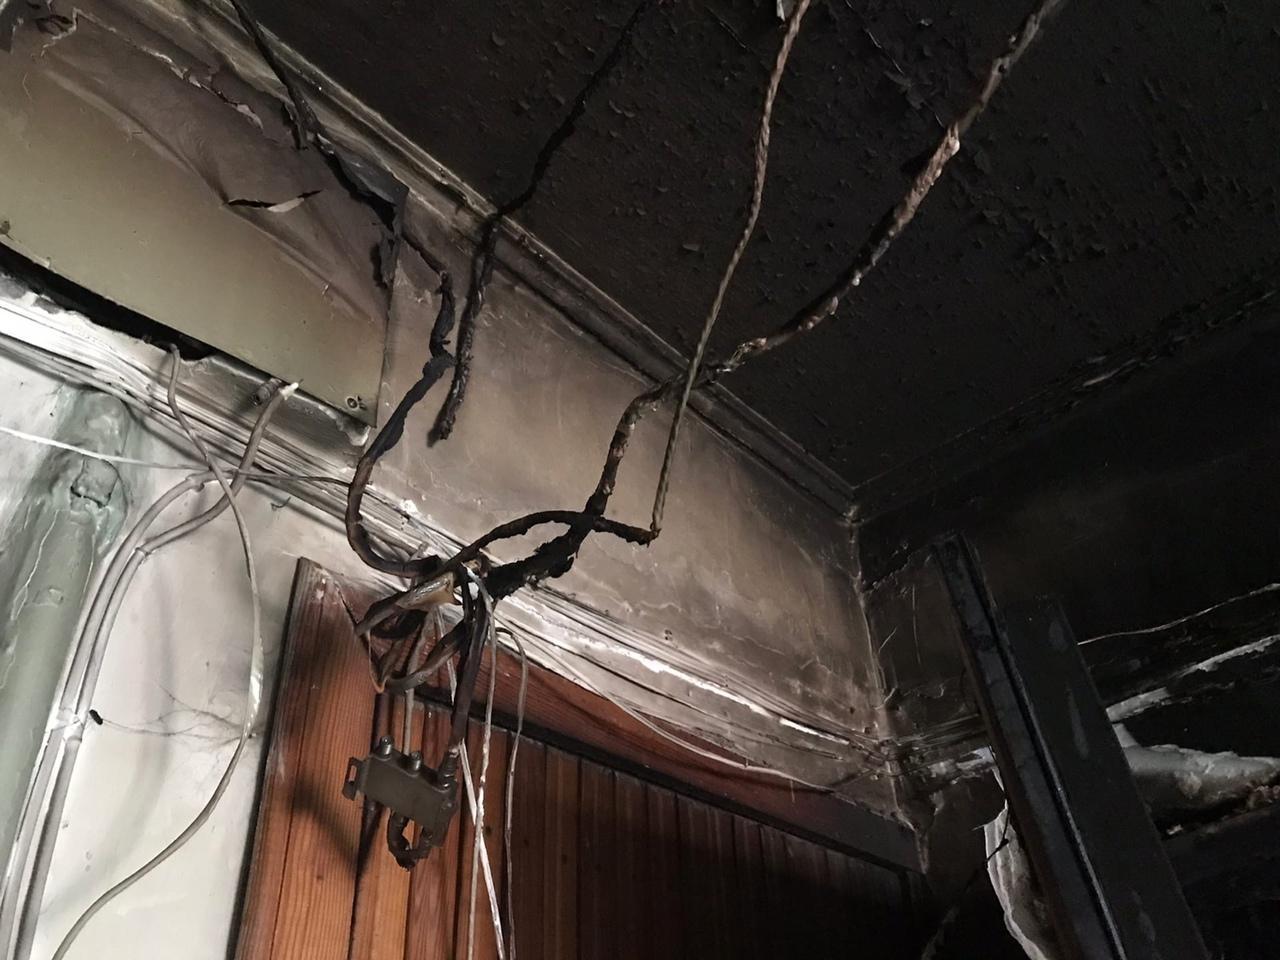 фото «Устроили балаган на весь дом, полиция не приехала»: что известно о пожаре с тремя погибшими в Новосибирске 6